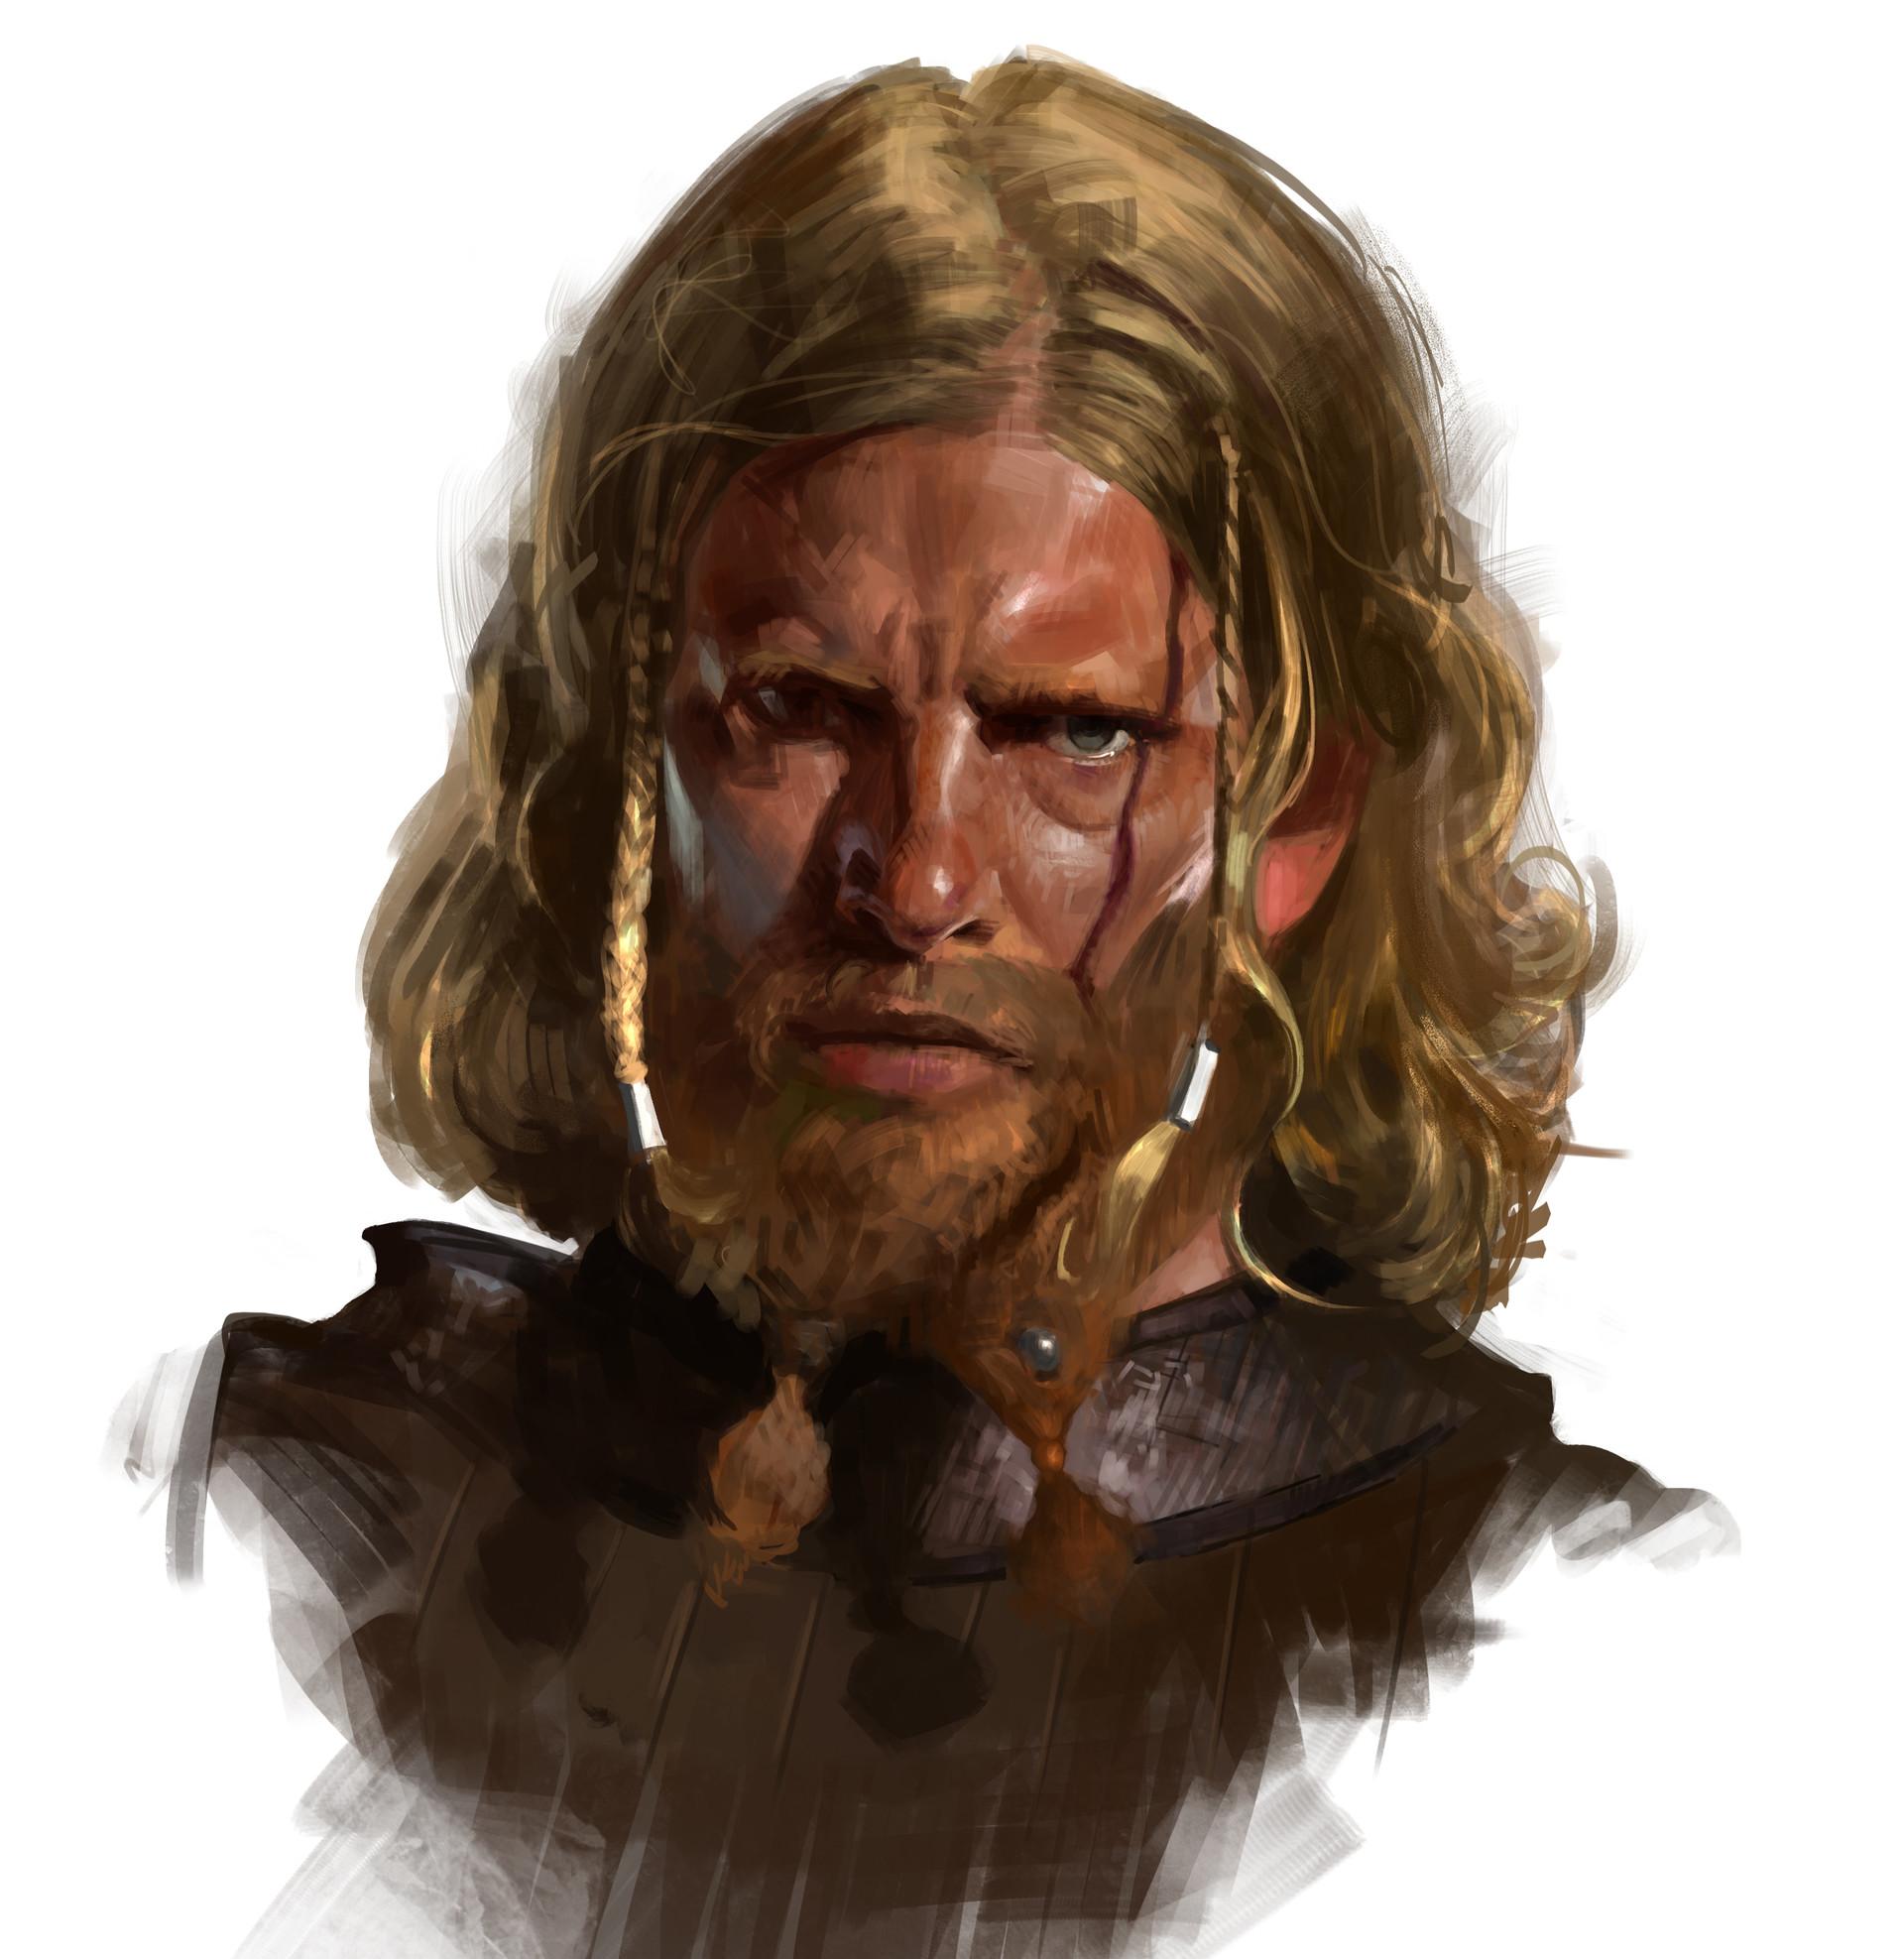 Nikolai karelin 005 sktch viking